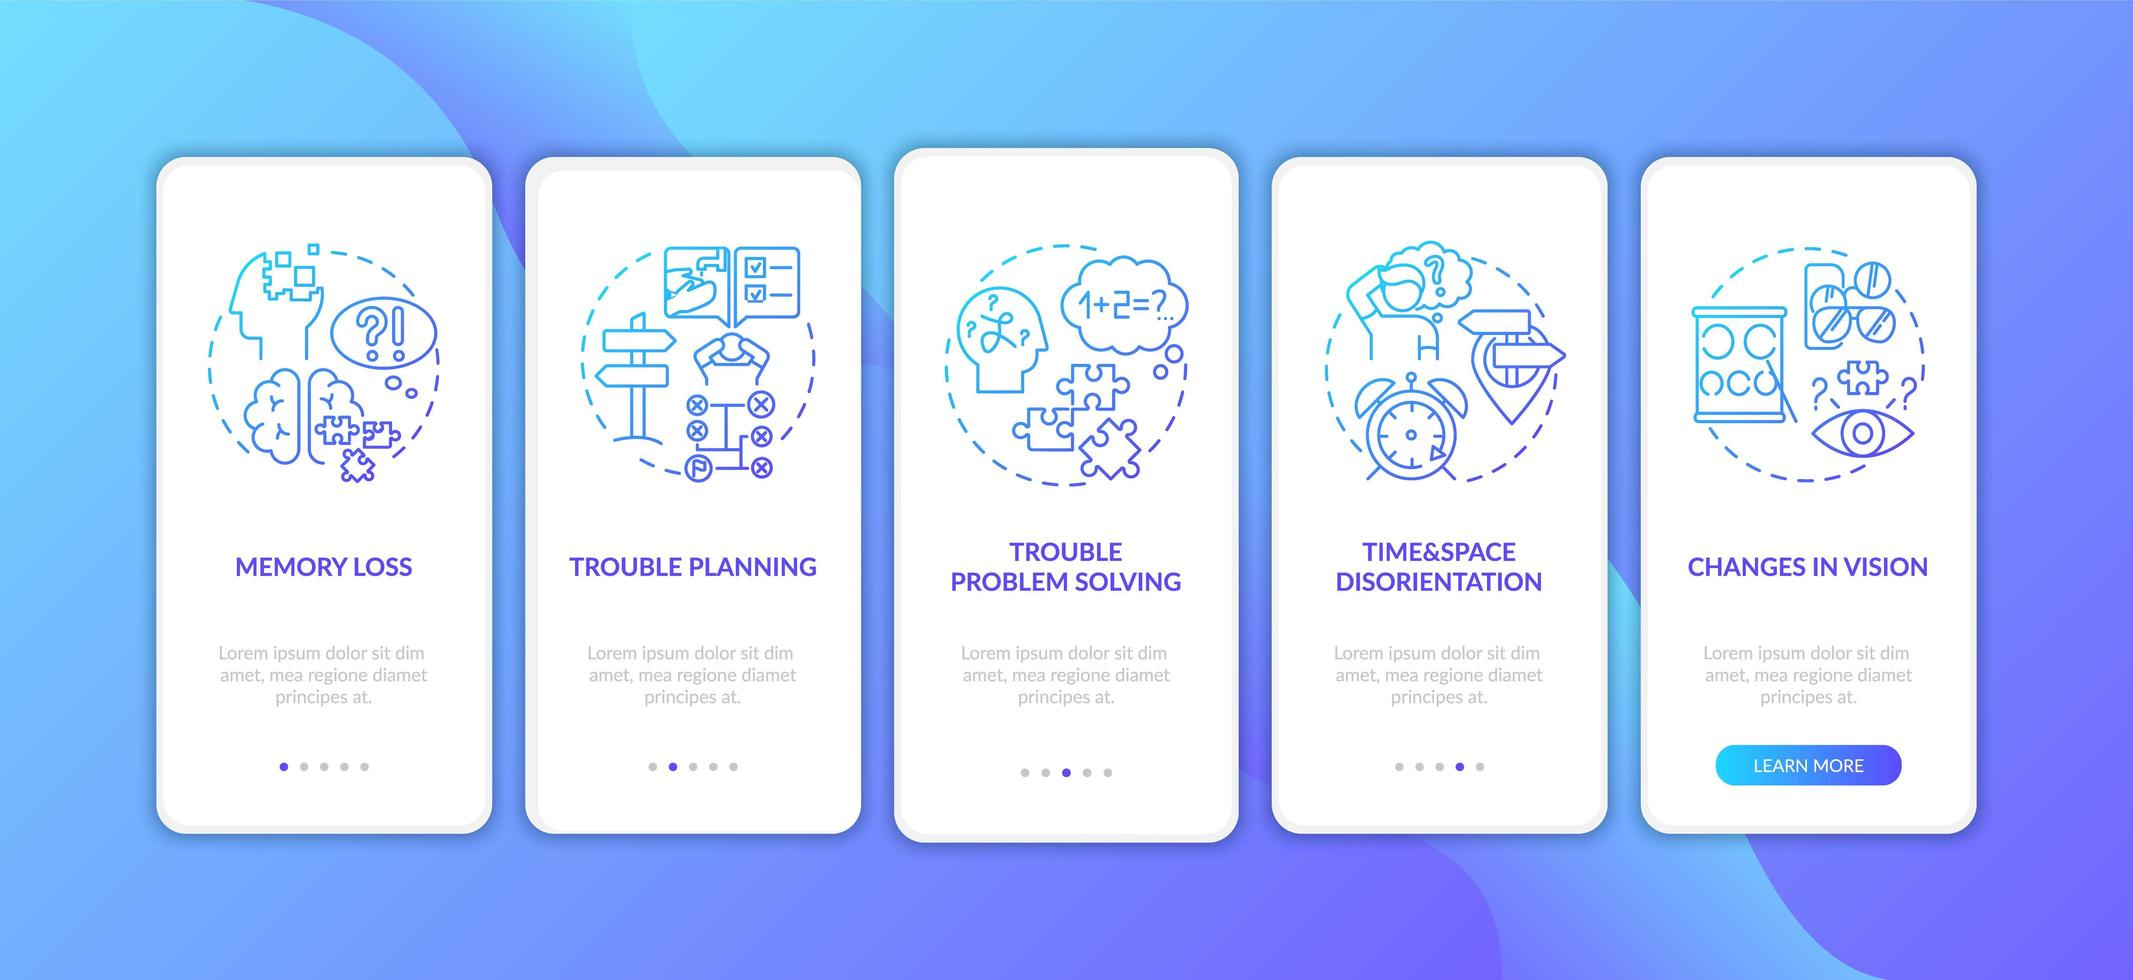 frühe Anzeichen von Demenz blauer Farbverlauf Onboarding Mobile App Seite Bildschirm mit Konzepten vektor